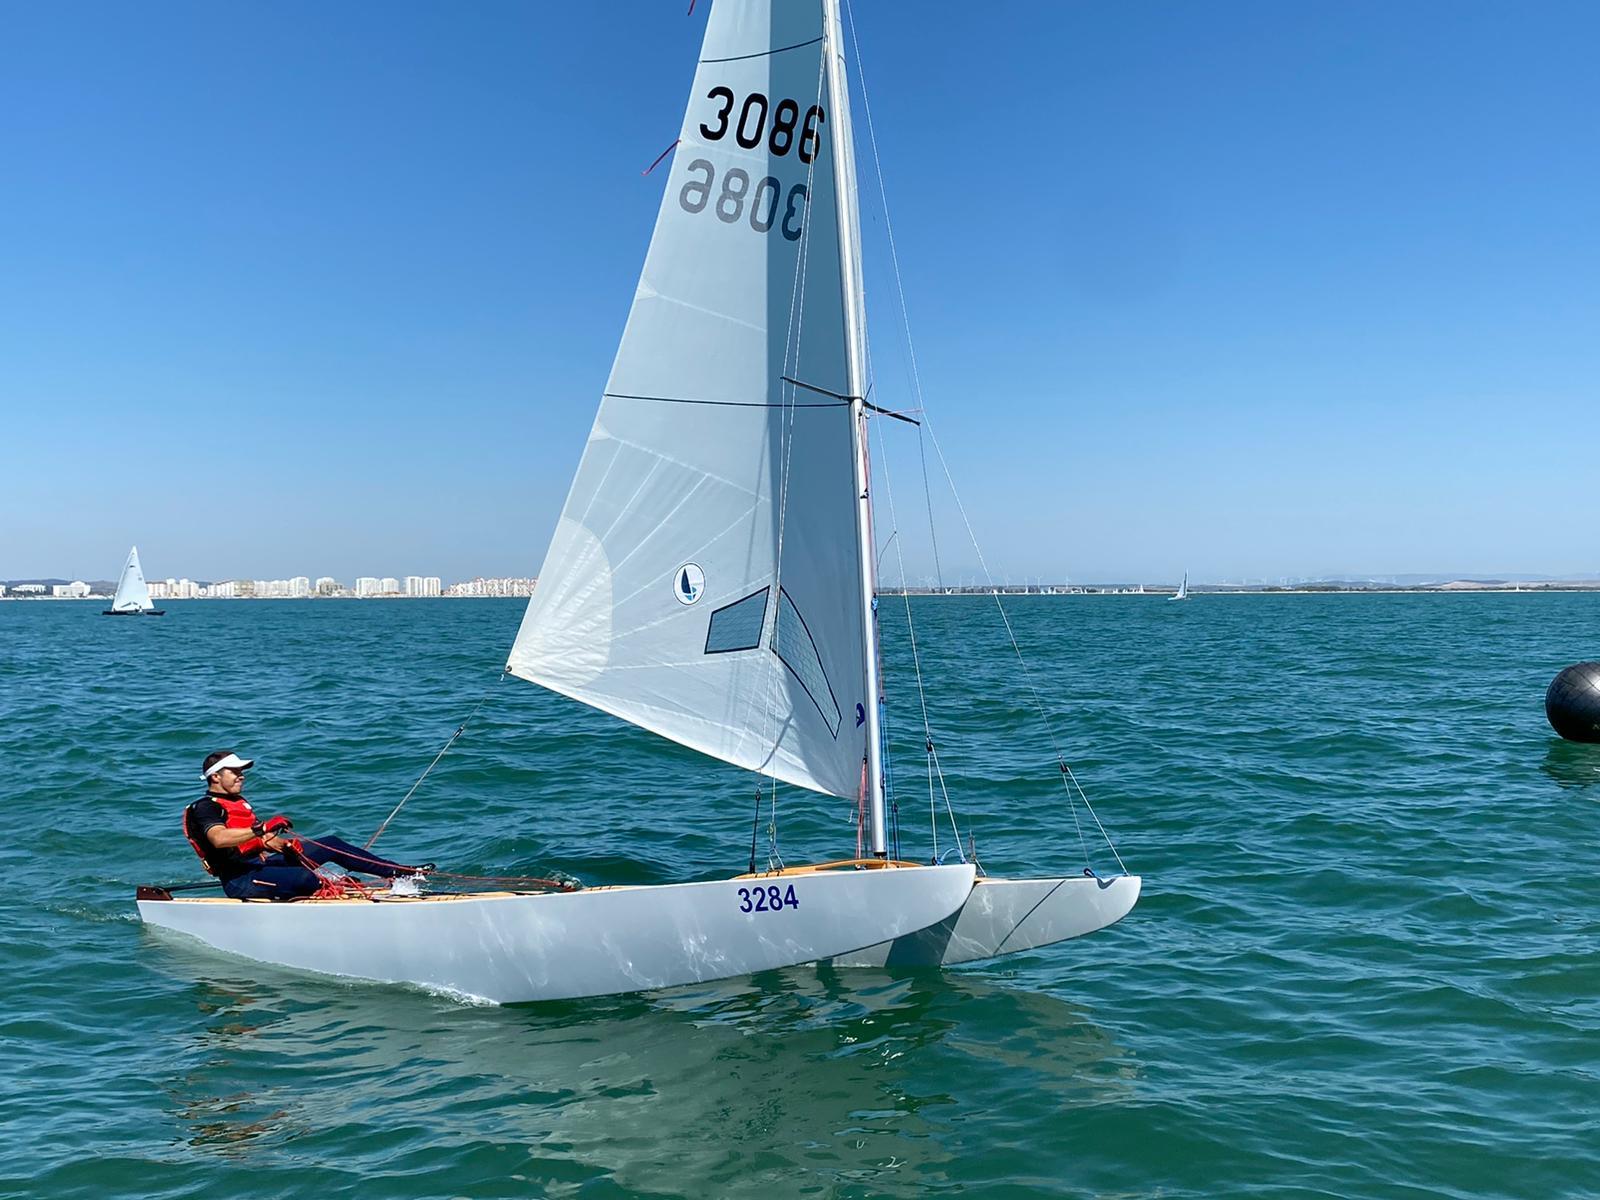 Mañana se descubren los primeros ganadores de nuestra regata tras una intensa y larga jornada en la que se han estrenado los Patines.